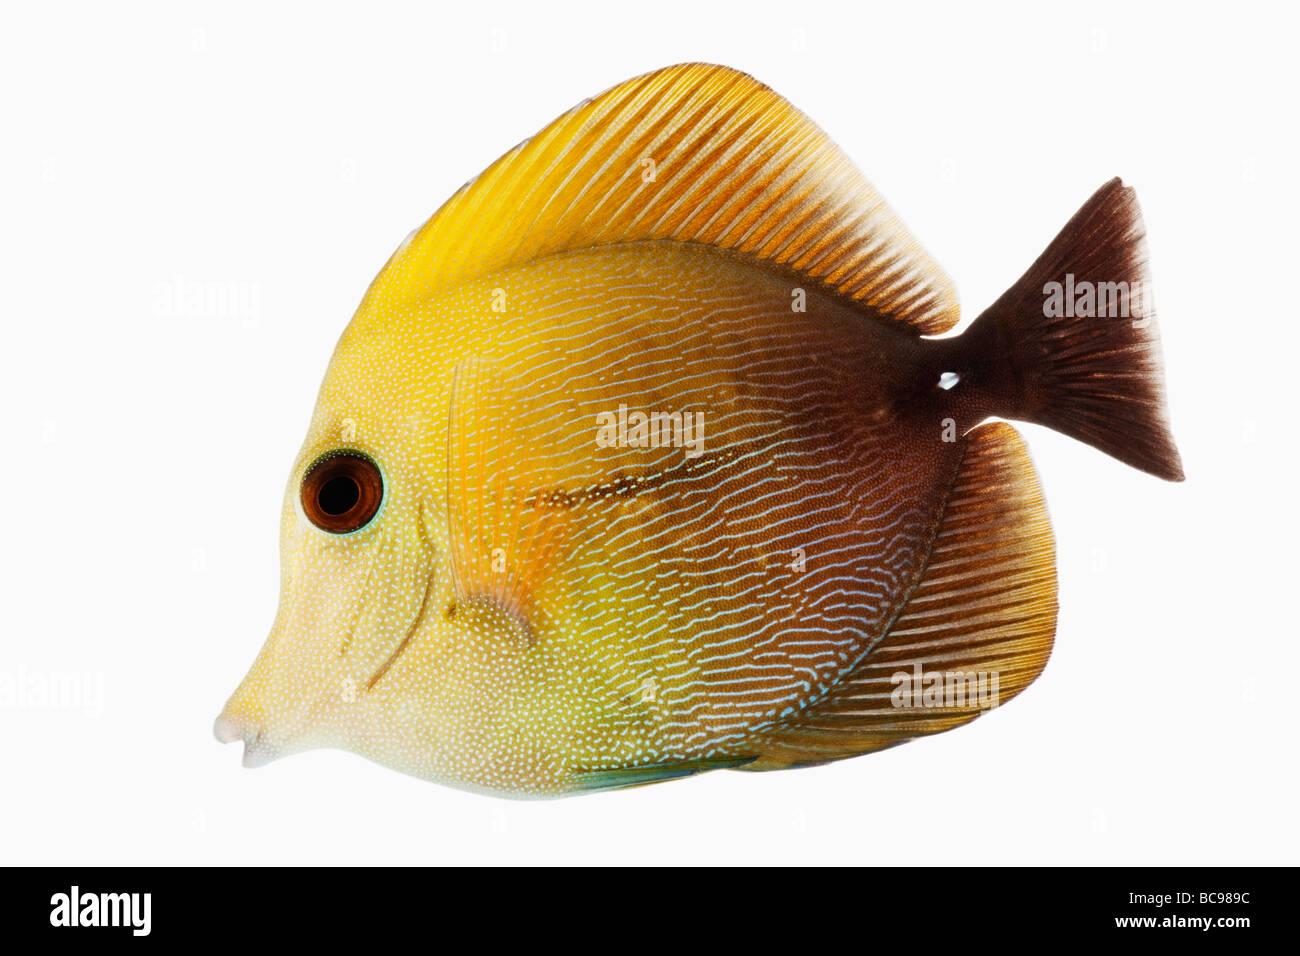 Brown tang marine poissons poissons de récif aussi connu sous le nom de Brown Scopas Tang et Two tone Sailfin Photo Stock